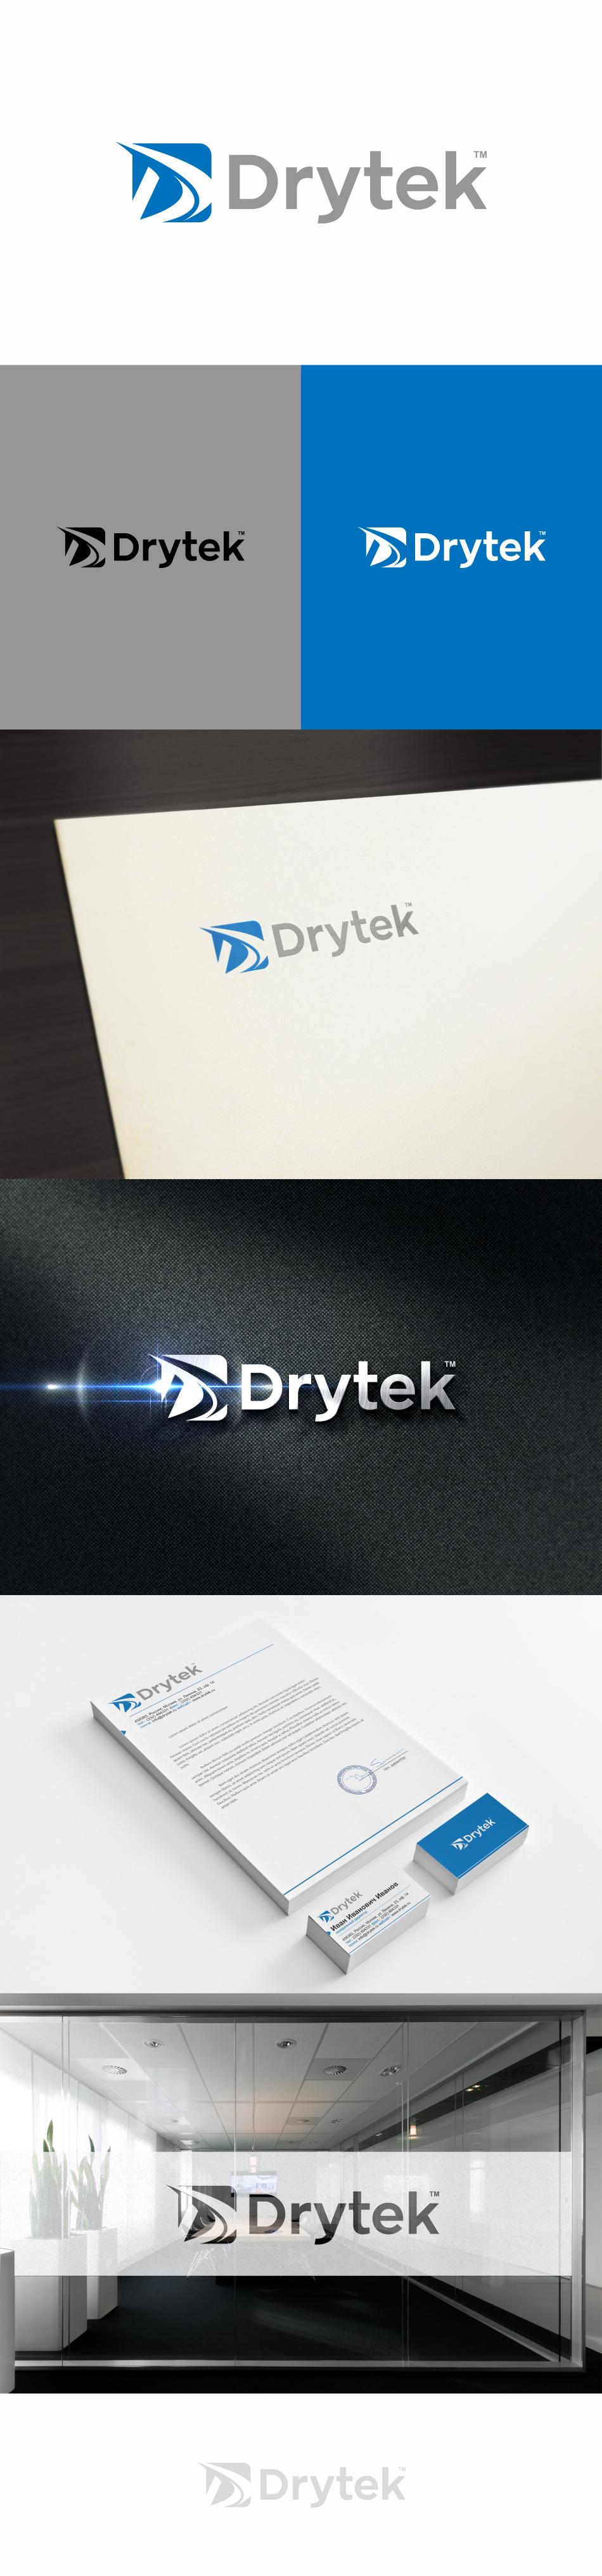 Создание логотипа для компании Drytek фото f_11859b6e3a274bd4.jpg